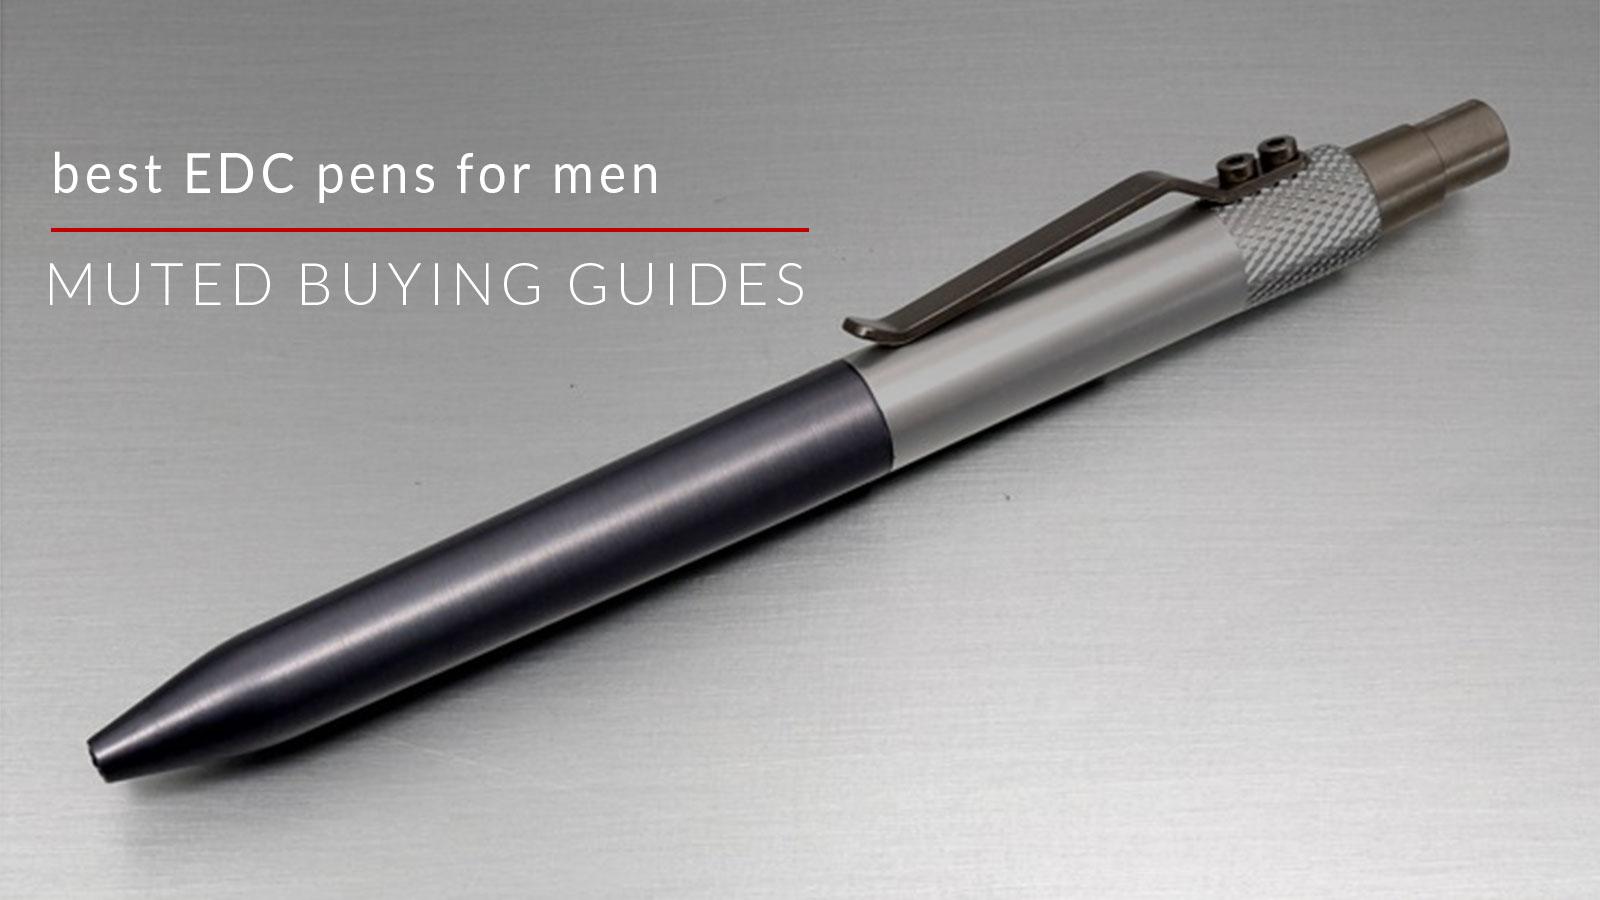 the best edc pens for men